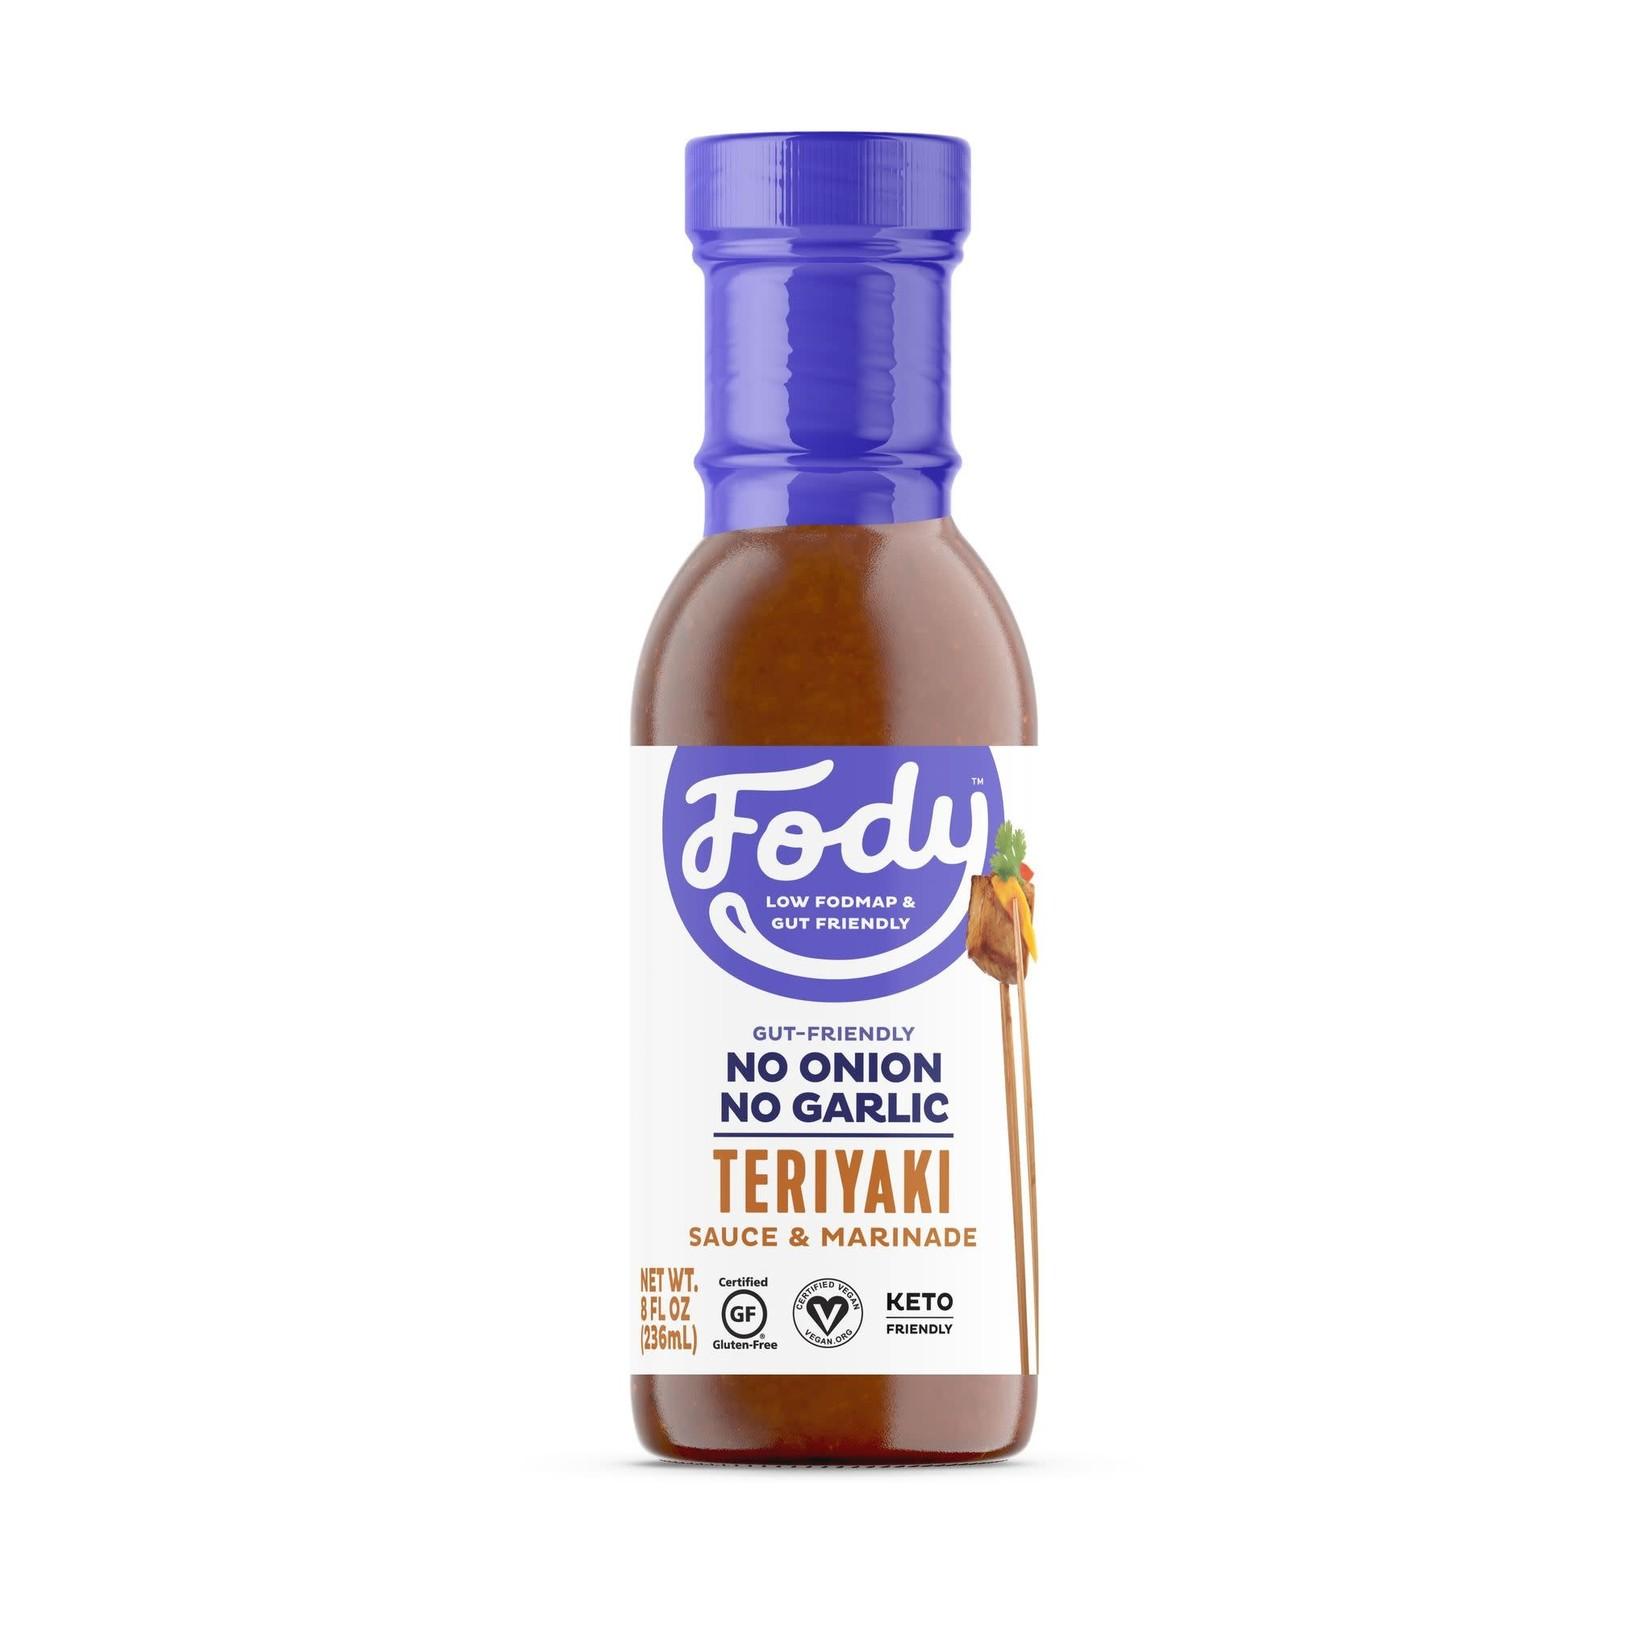 Fody Food Co. Fody Teriyaki Sauce 236ml